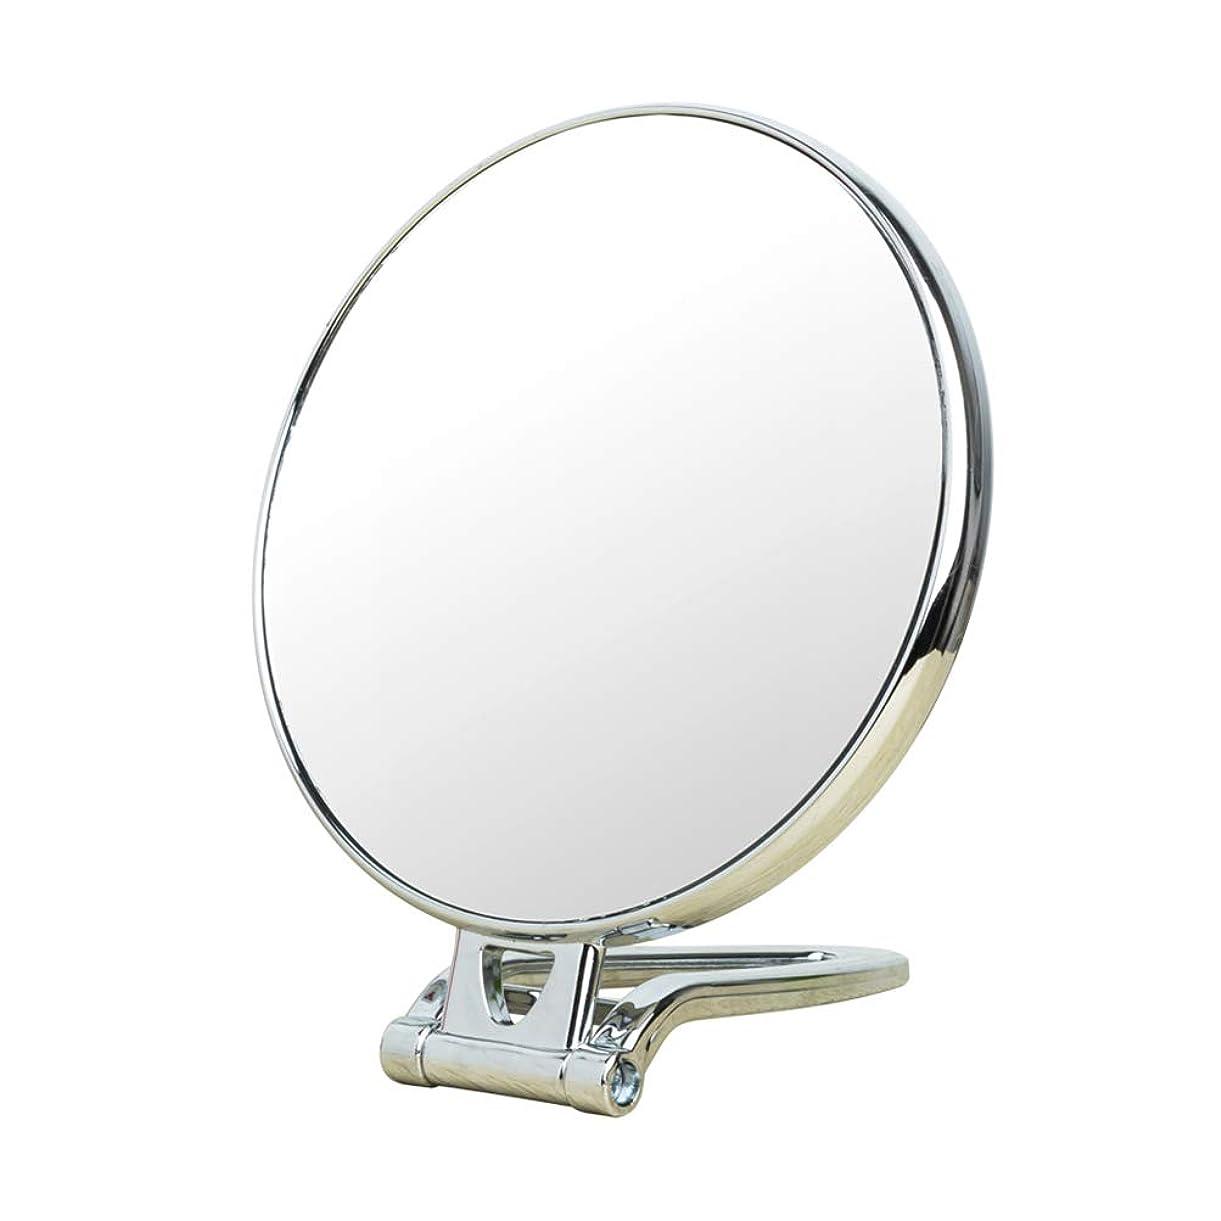 オーチャード有効なうなり声KSWD 倍率3倍 化粧鏡、 化粧ミラー 両面 円形 折りたたみ式 ポータブル、 銀、 28.5×15.5cm